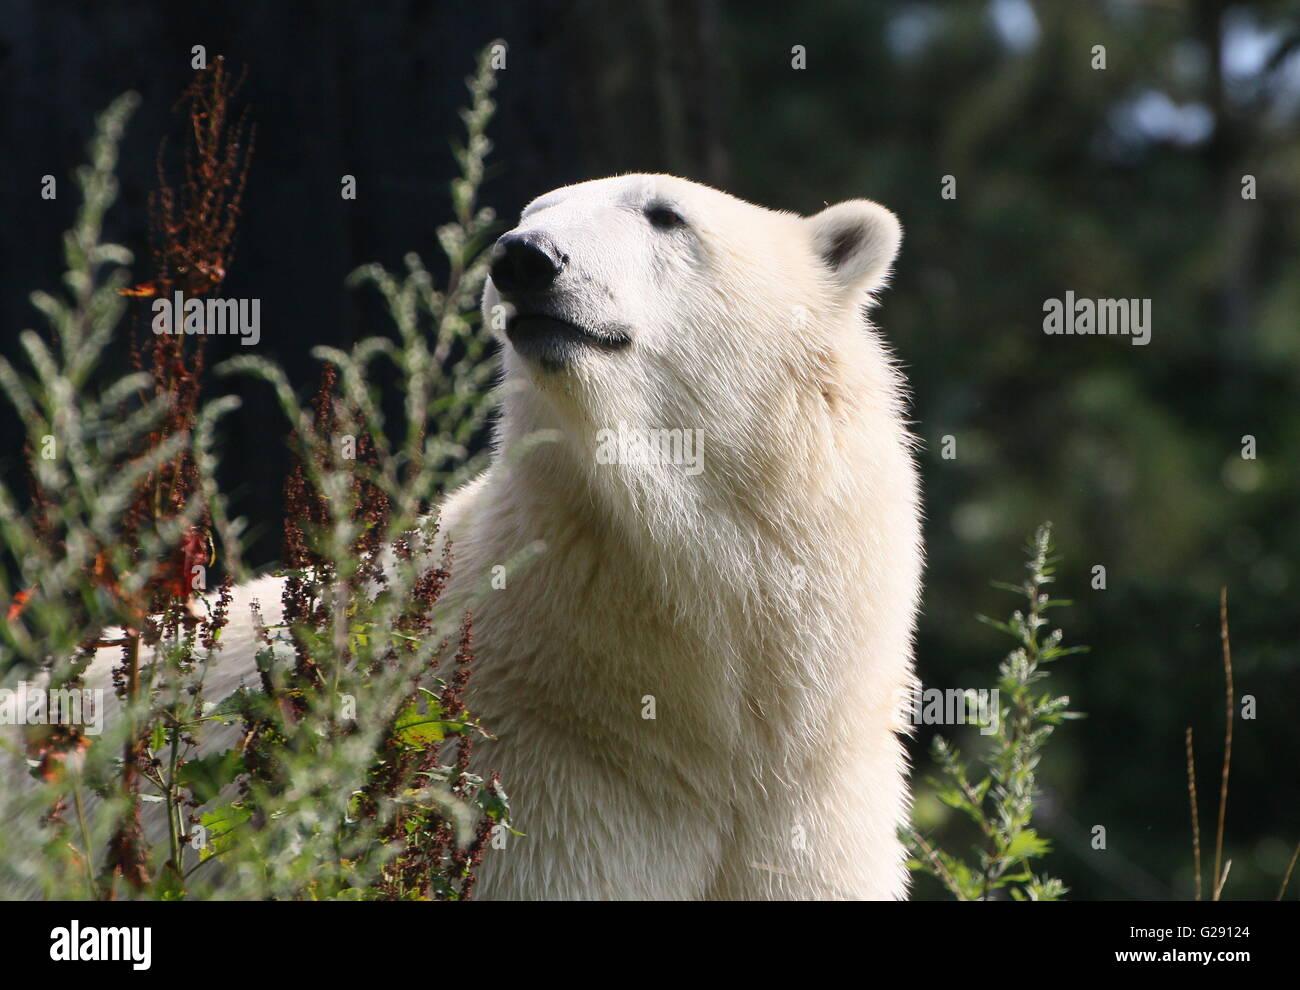 Hembra madura el oso polar (Ursus maritimus) en una configuración de verano natural, bajo el punto de vista Imagen De Stock